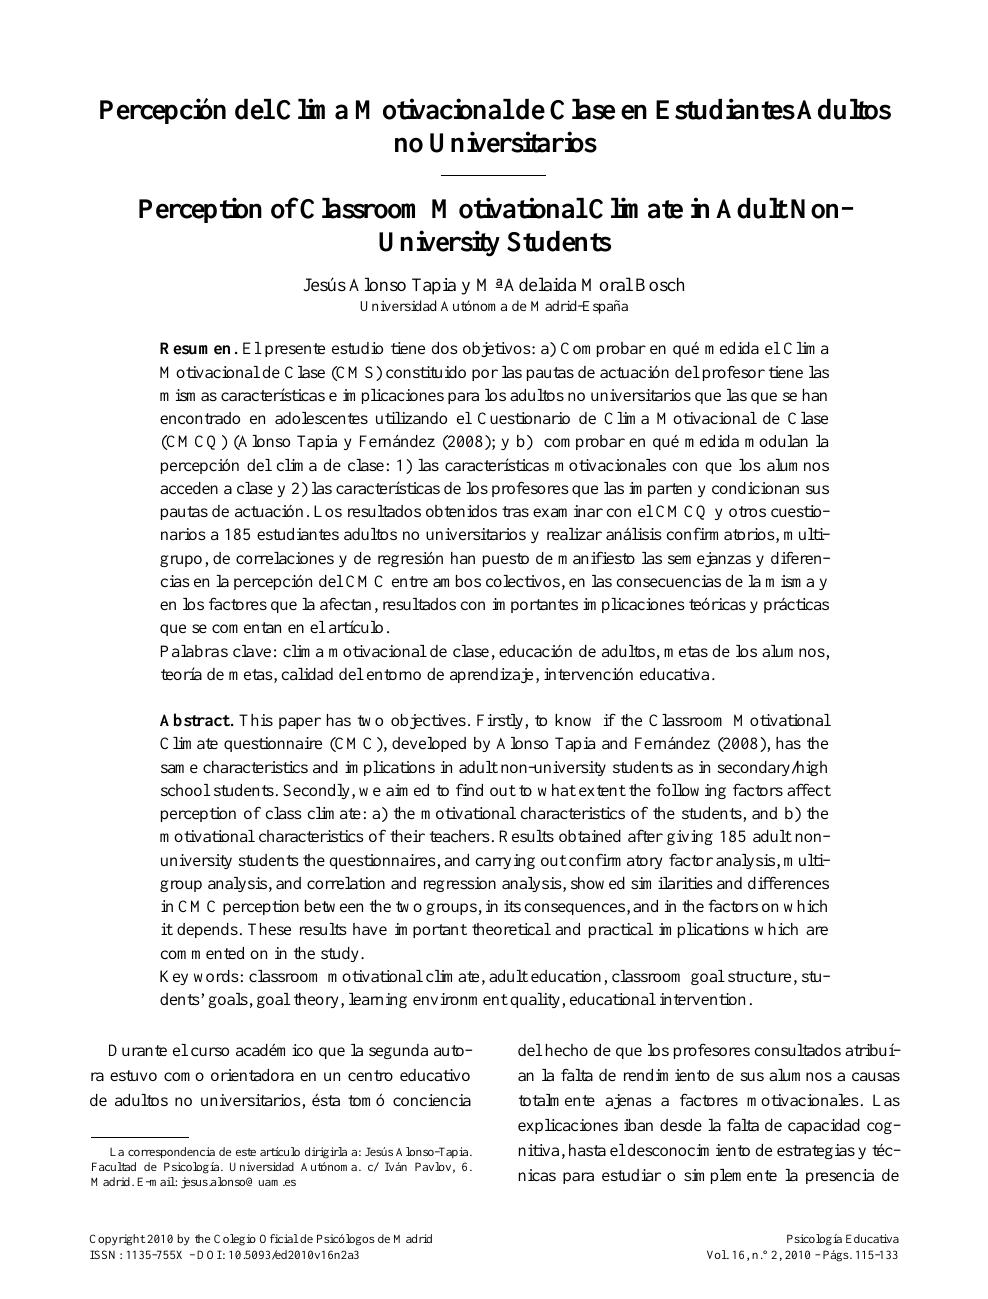 Percepción Del Clima Motivacional De Clase En Estudiantes